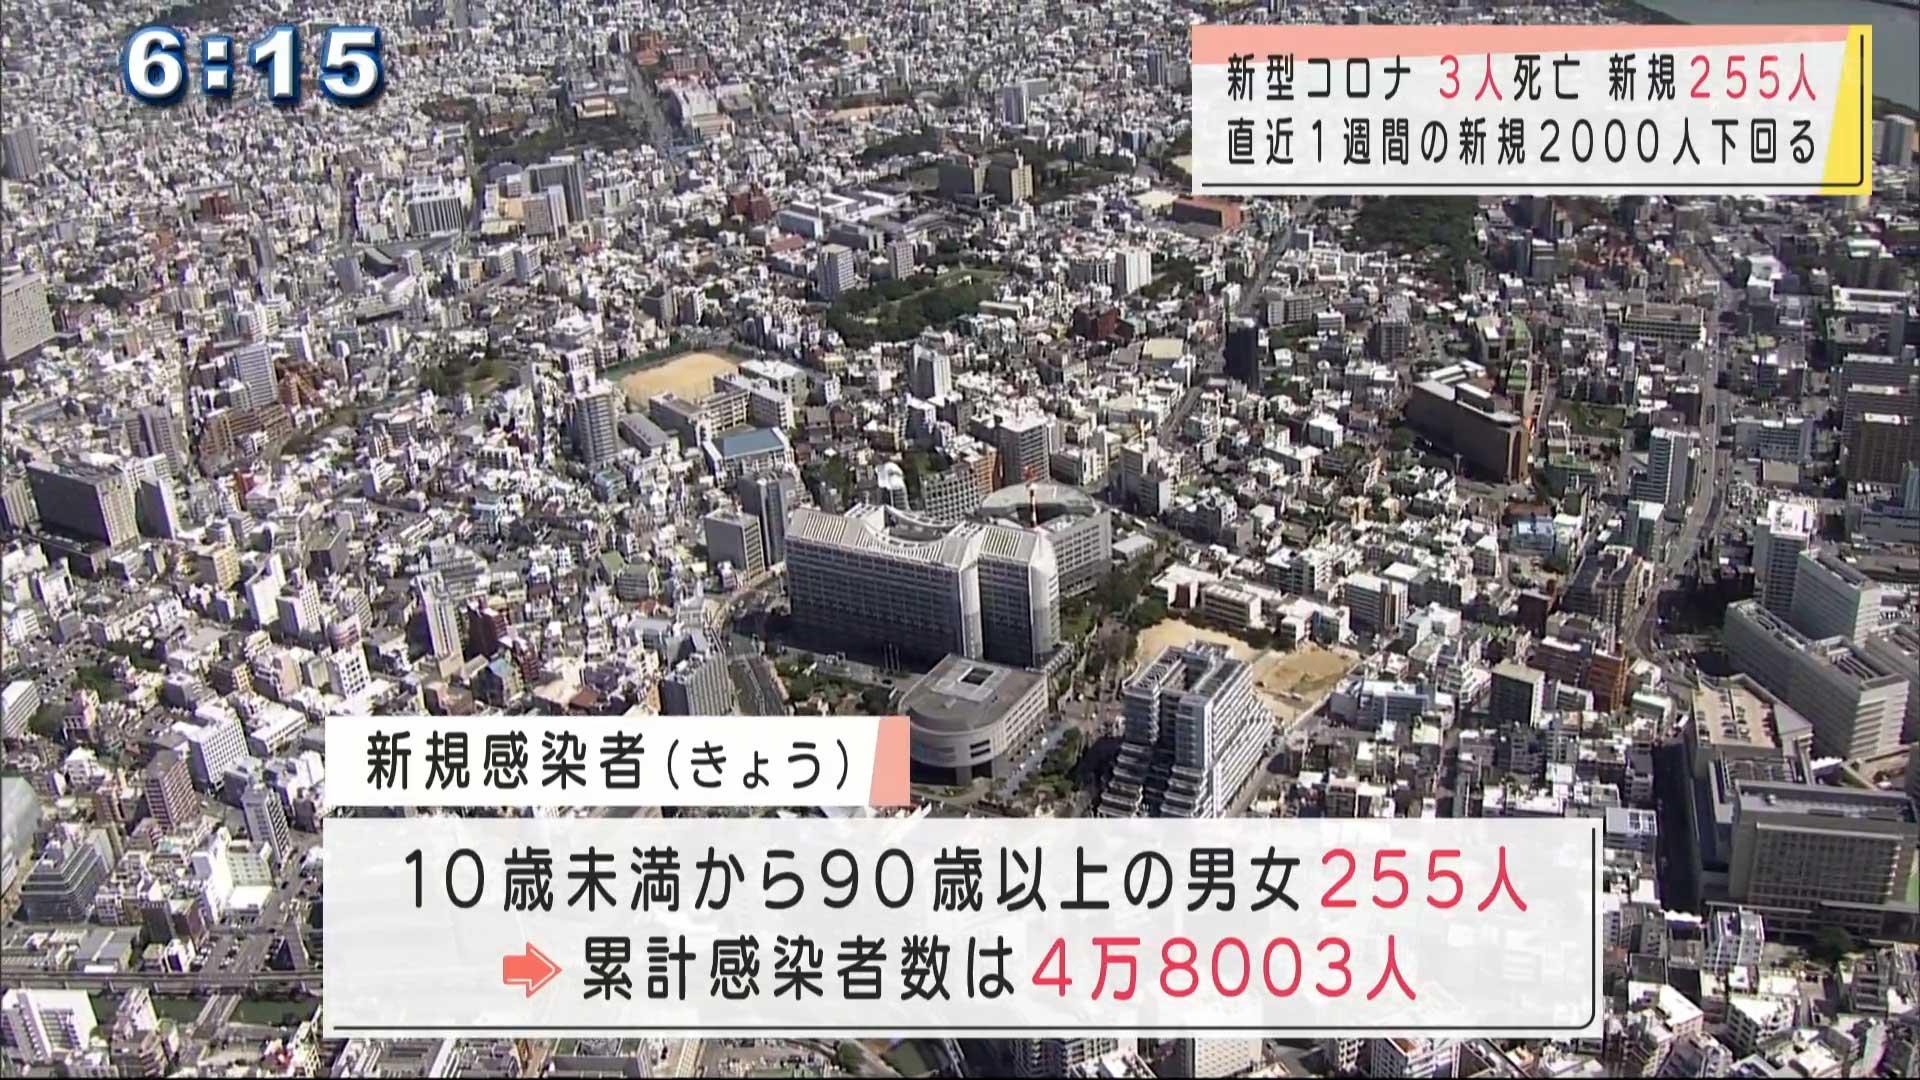 沖縄 新型コロナ新たに255人感染3人死亡